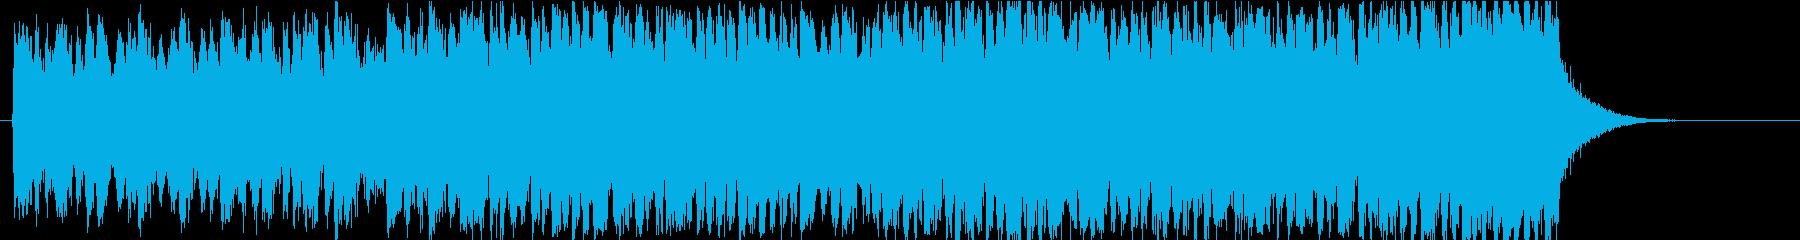 ファンタジー映画風のエピック・トレーラーの再生済みの波形